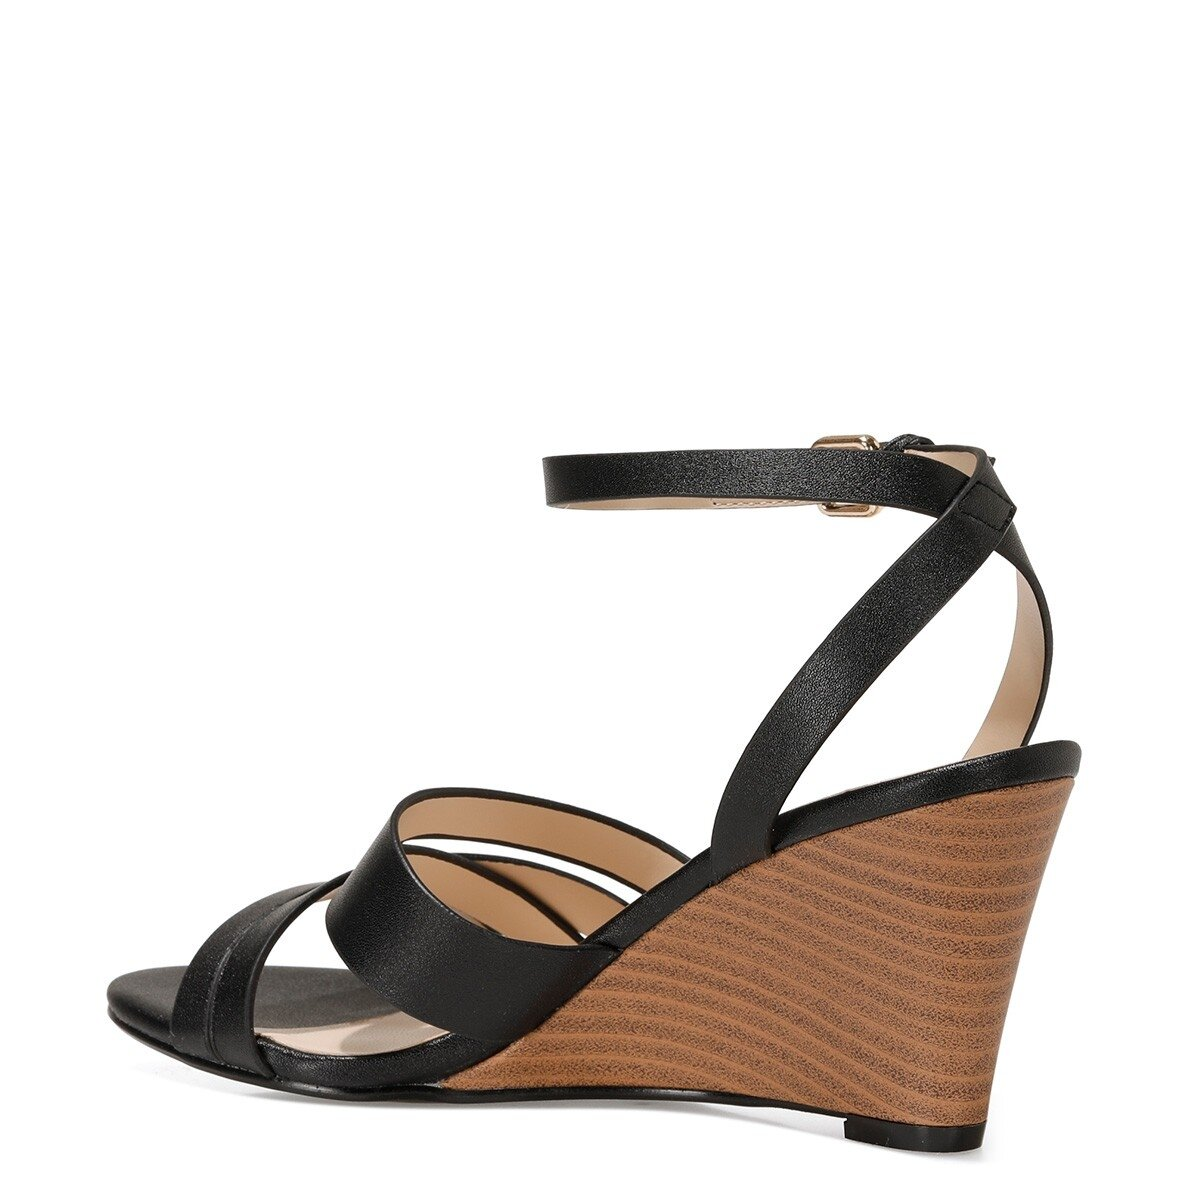 HAILI 1FX Siyah Kadın Dolgu Topuklu Sandalet